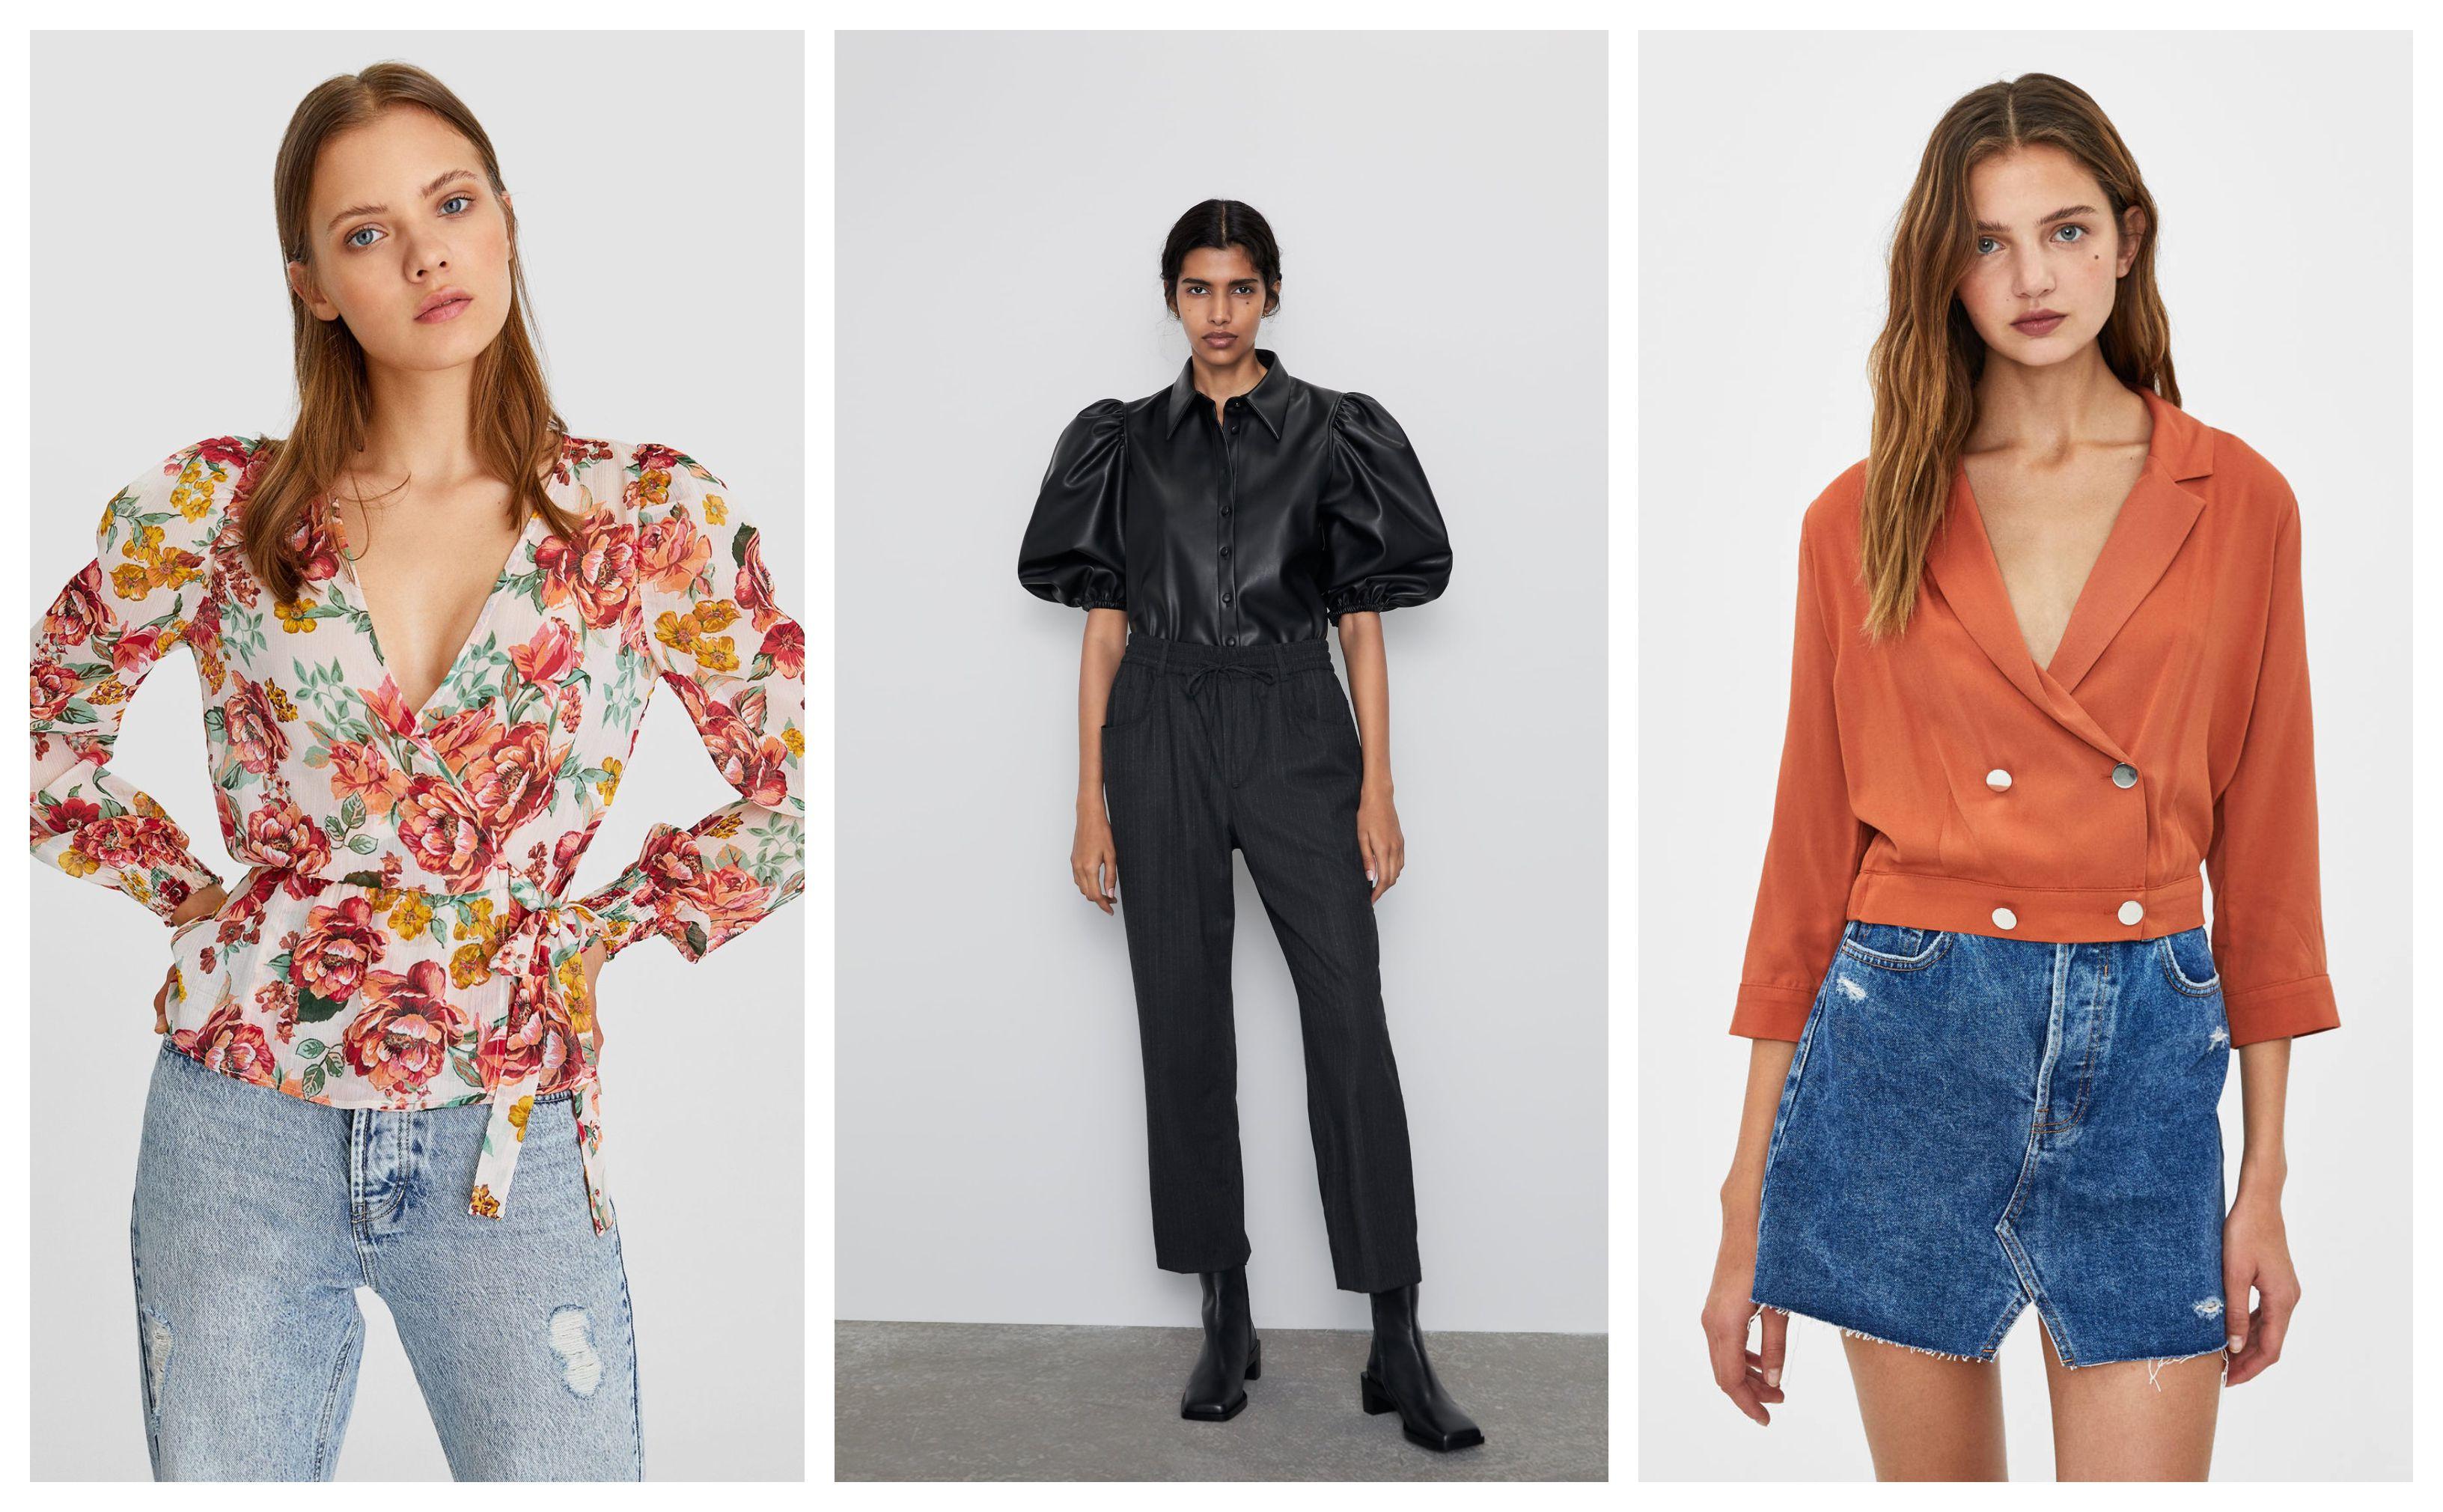 Potražili smo bluze koje možete nositi na kraju ljeta, ali i u sljedećoj sezoni